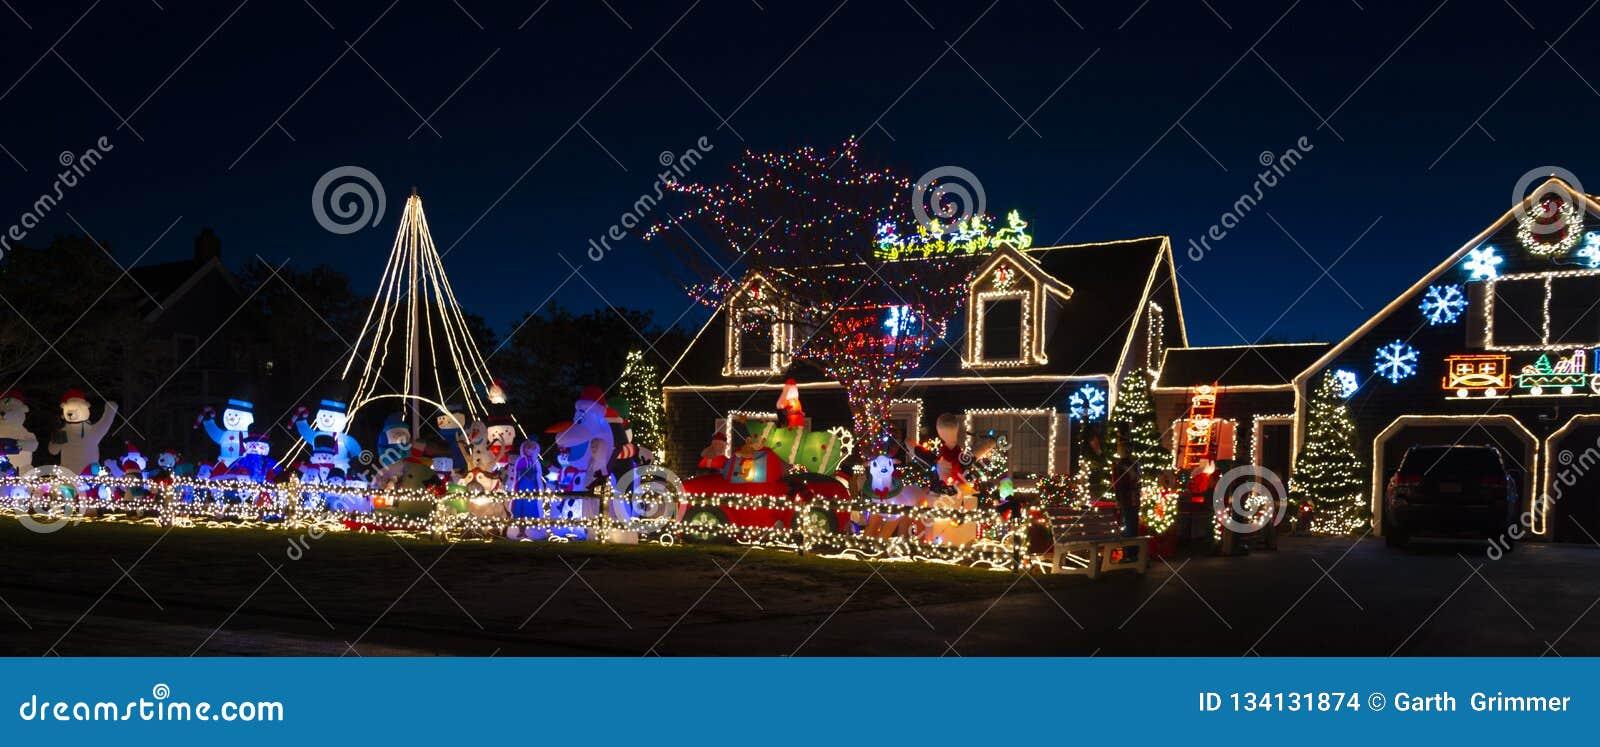 Nantucket-Weihnachtshausbeleuchtung